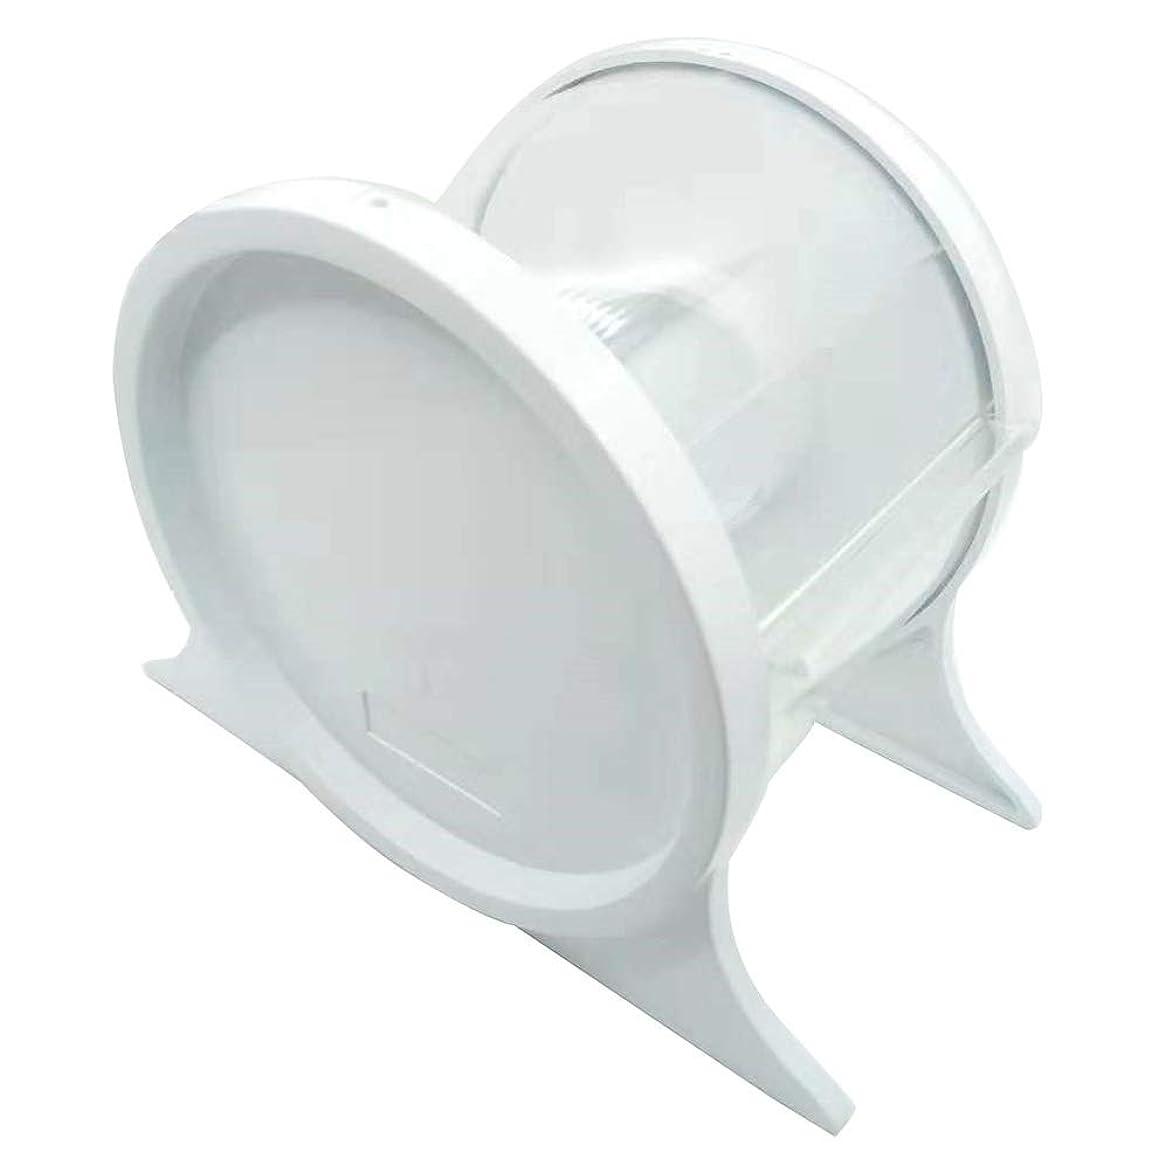 交差点地上で遠洋のSUPVOX 歯科用バリアフィルムディスペンサー使い捨て保護スタンドホルダーシェルフ歯科用ツール1本(ホワイト)